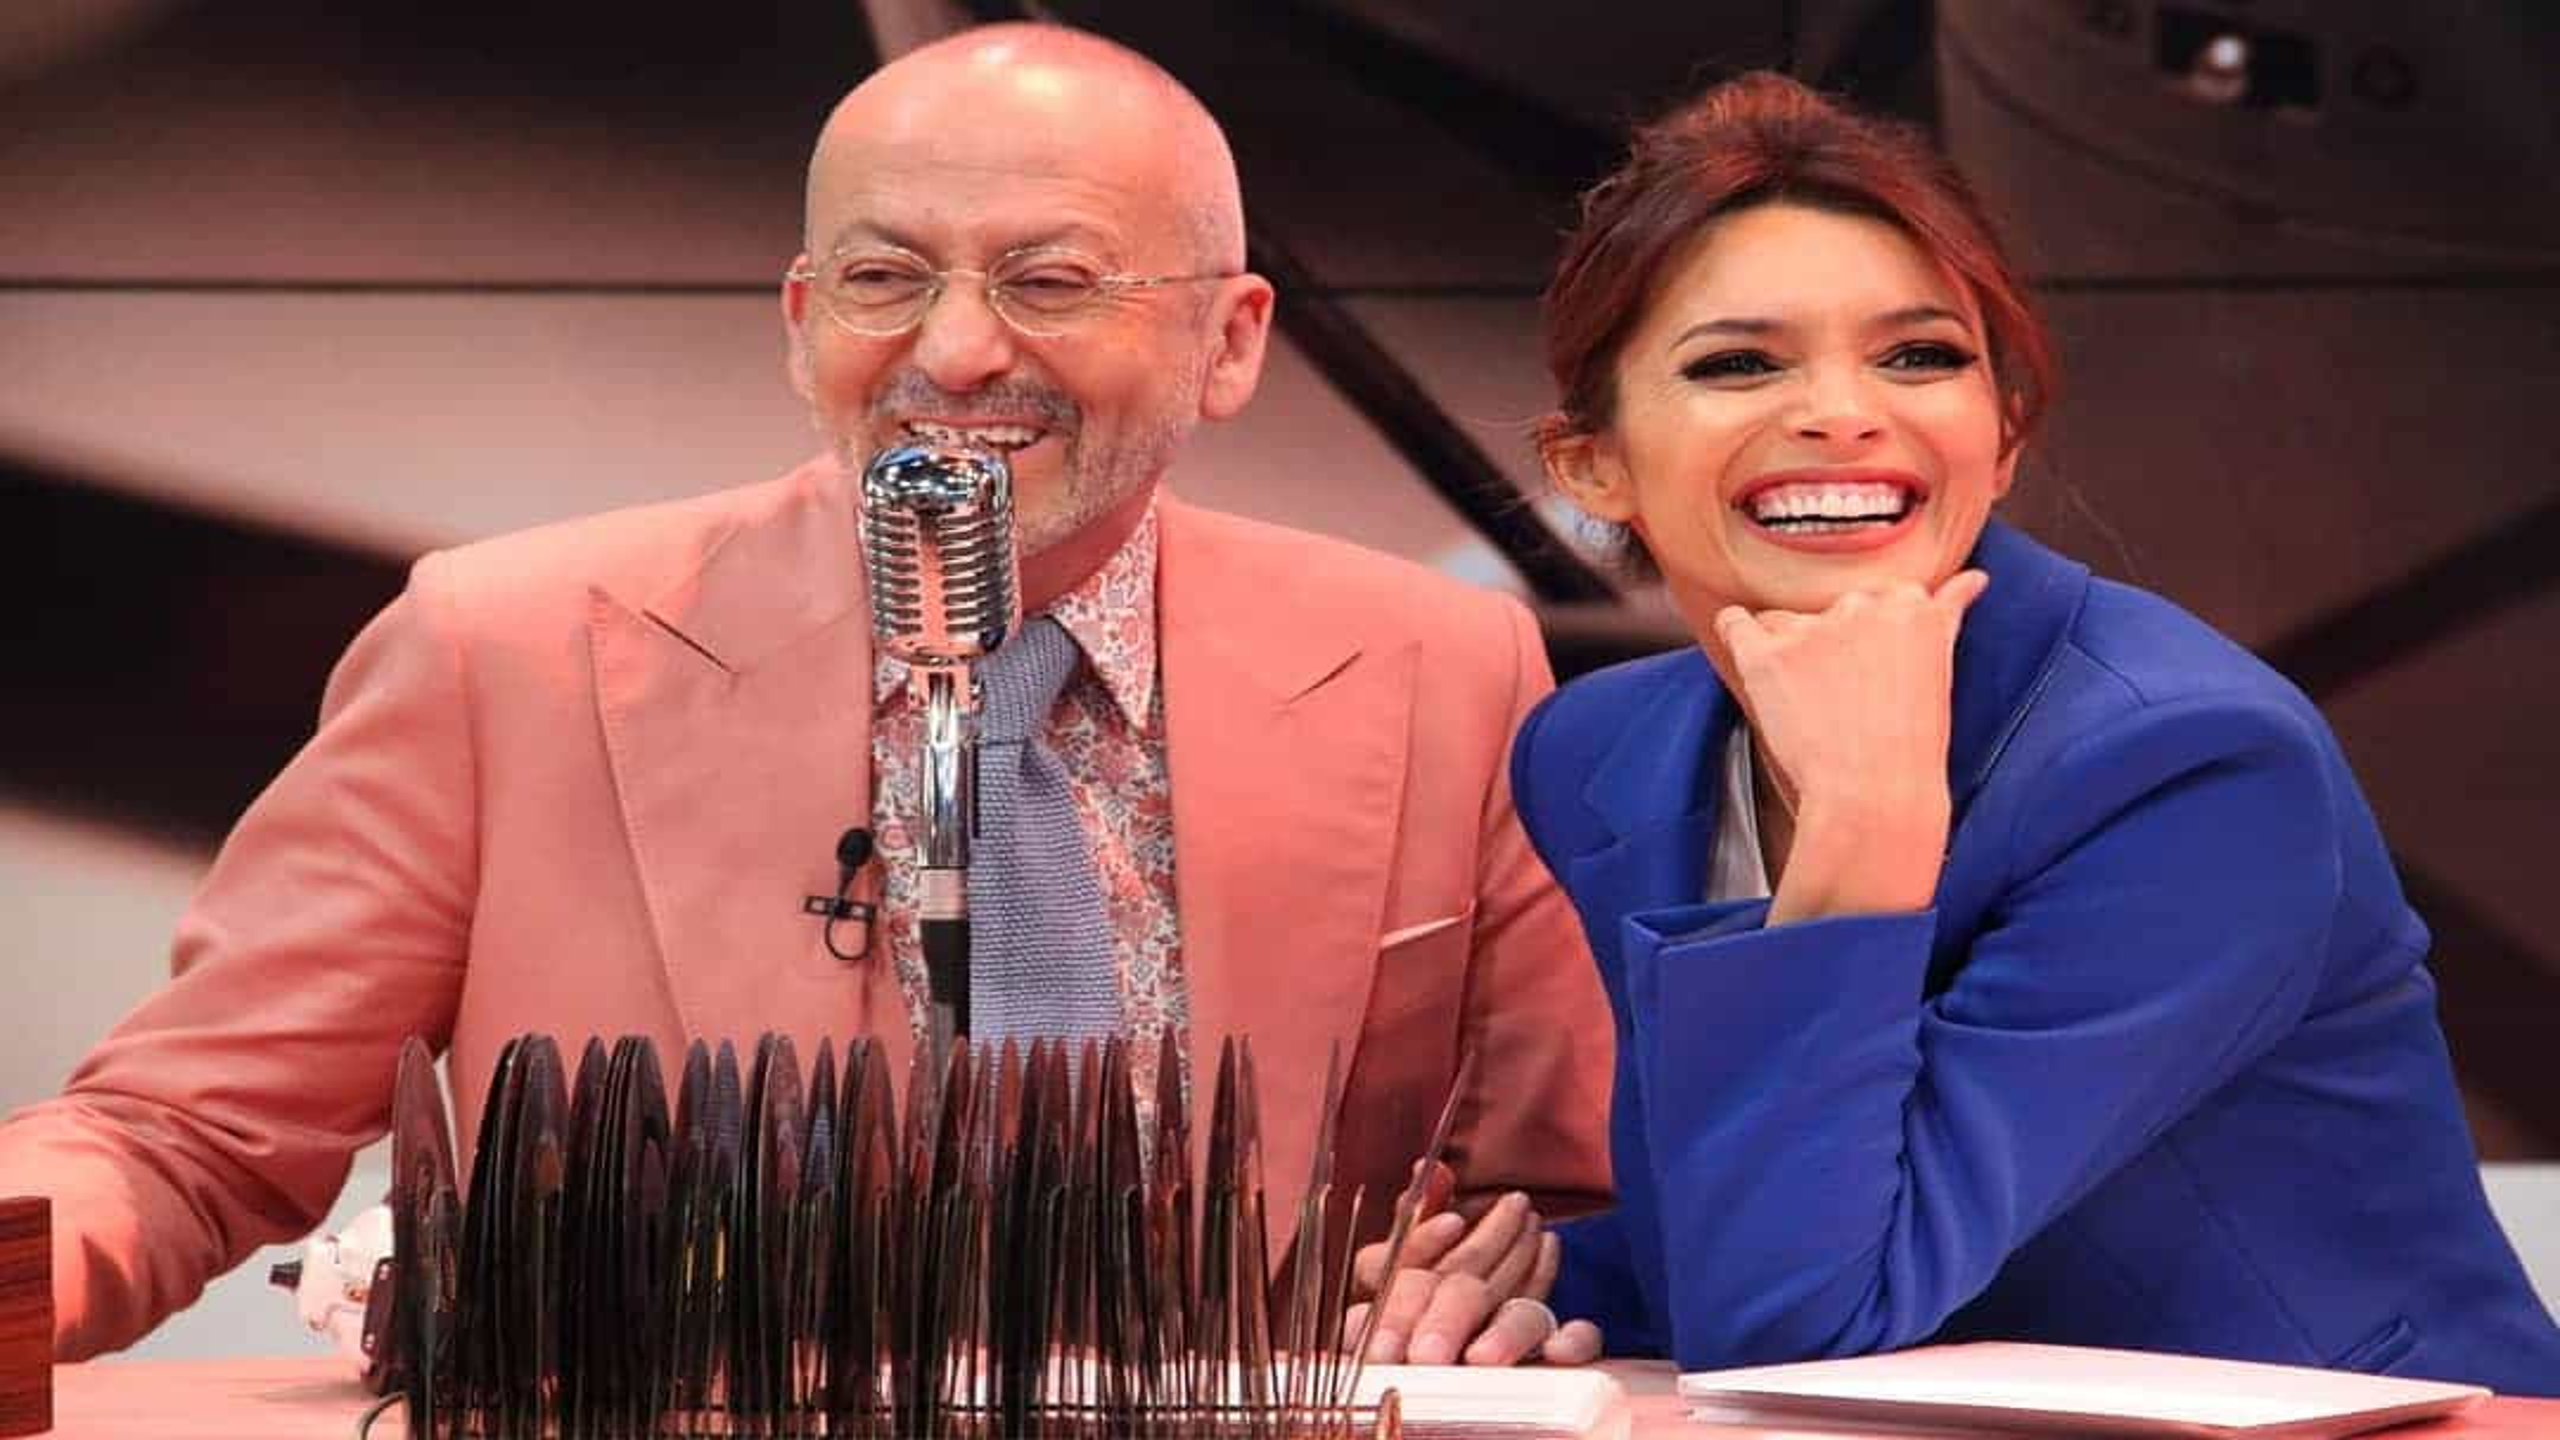 Goucha falou mal de Maria Cerqueira Gomes? Apresentador esclarece